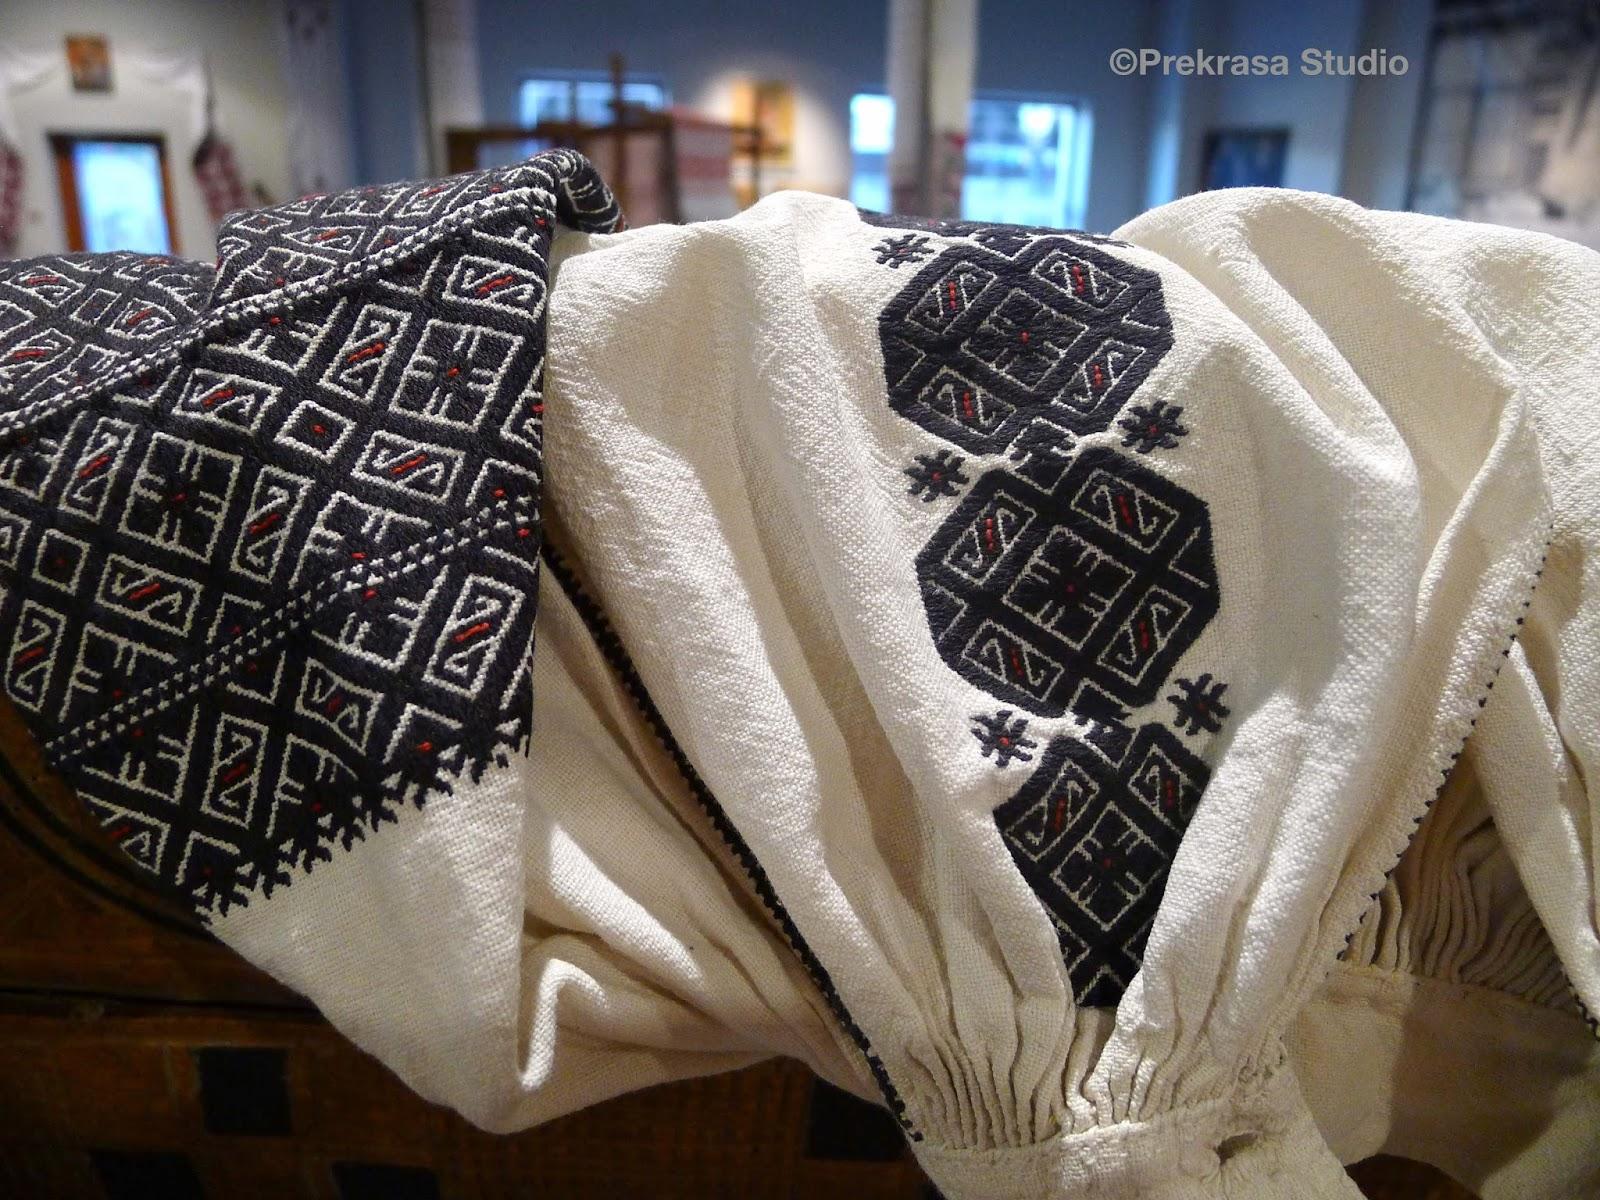 майстерня Прекраса  Prekrasa Studio  Три сорочки Східного Поділля ... c7489efd27ee5